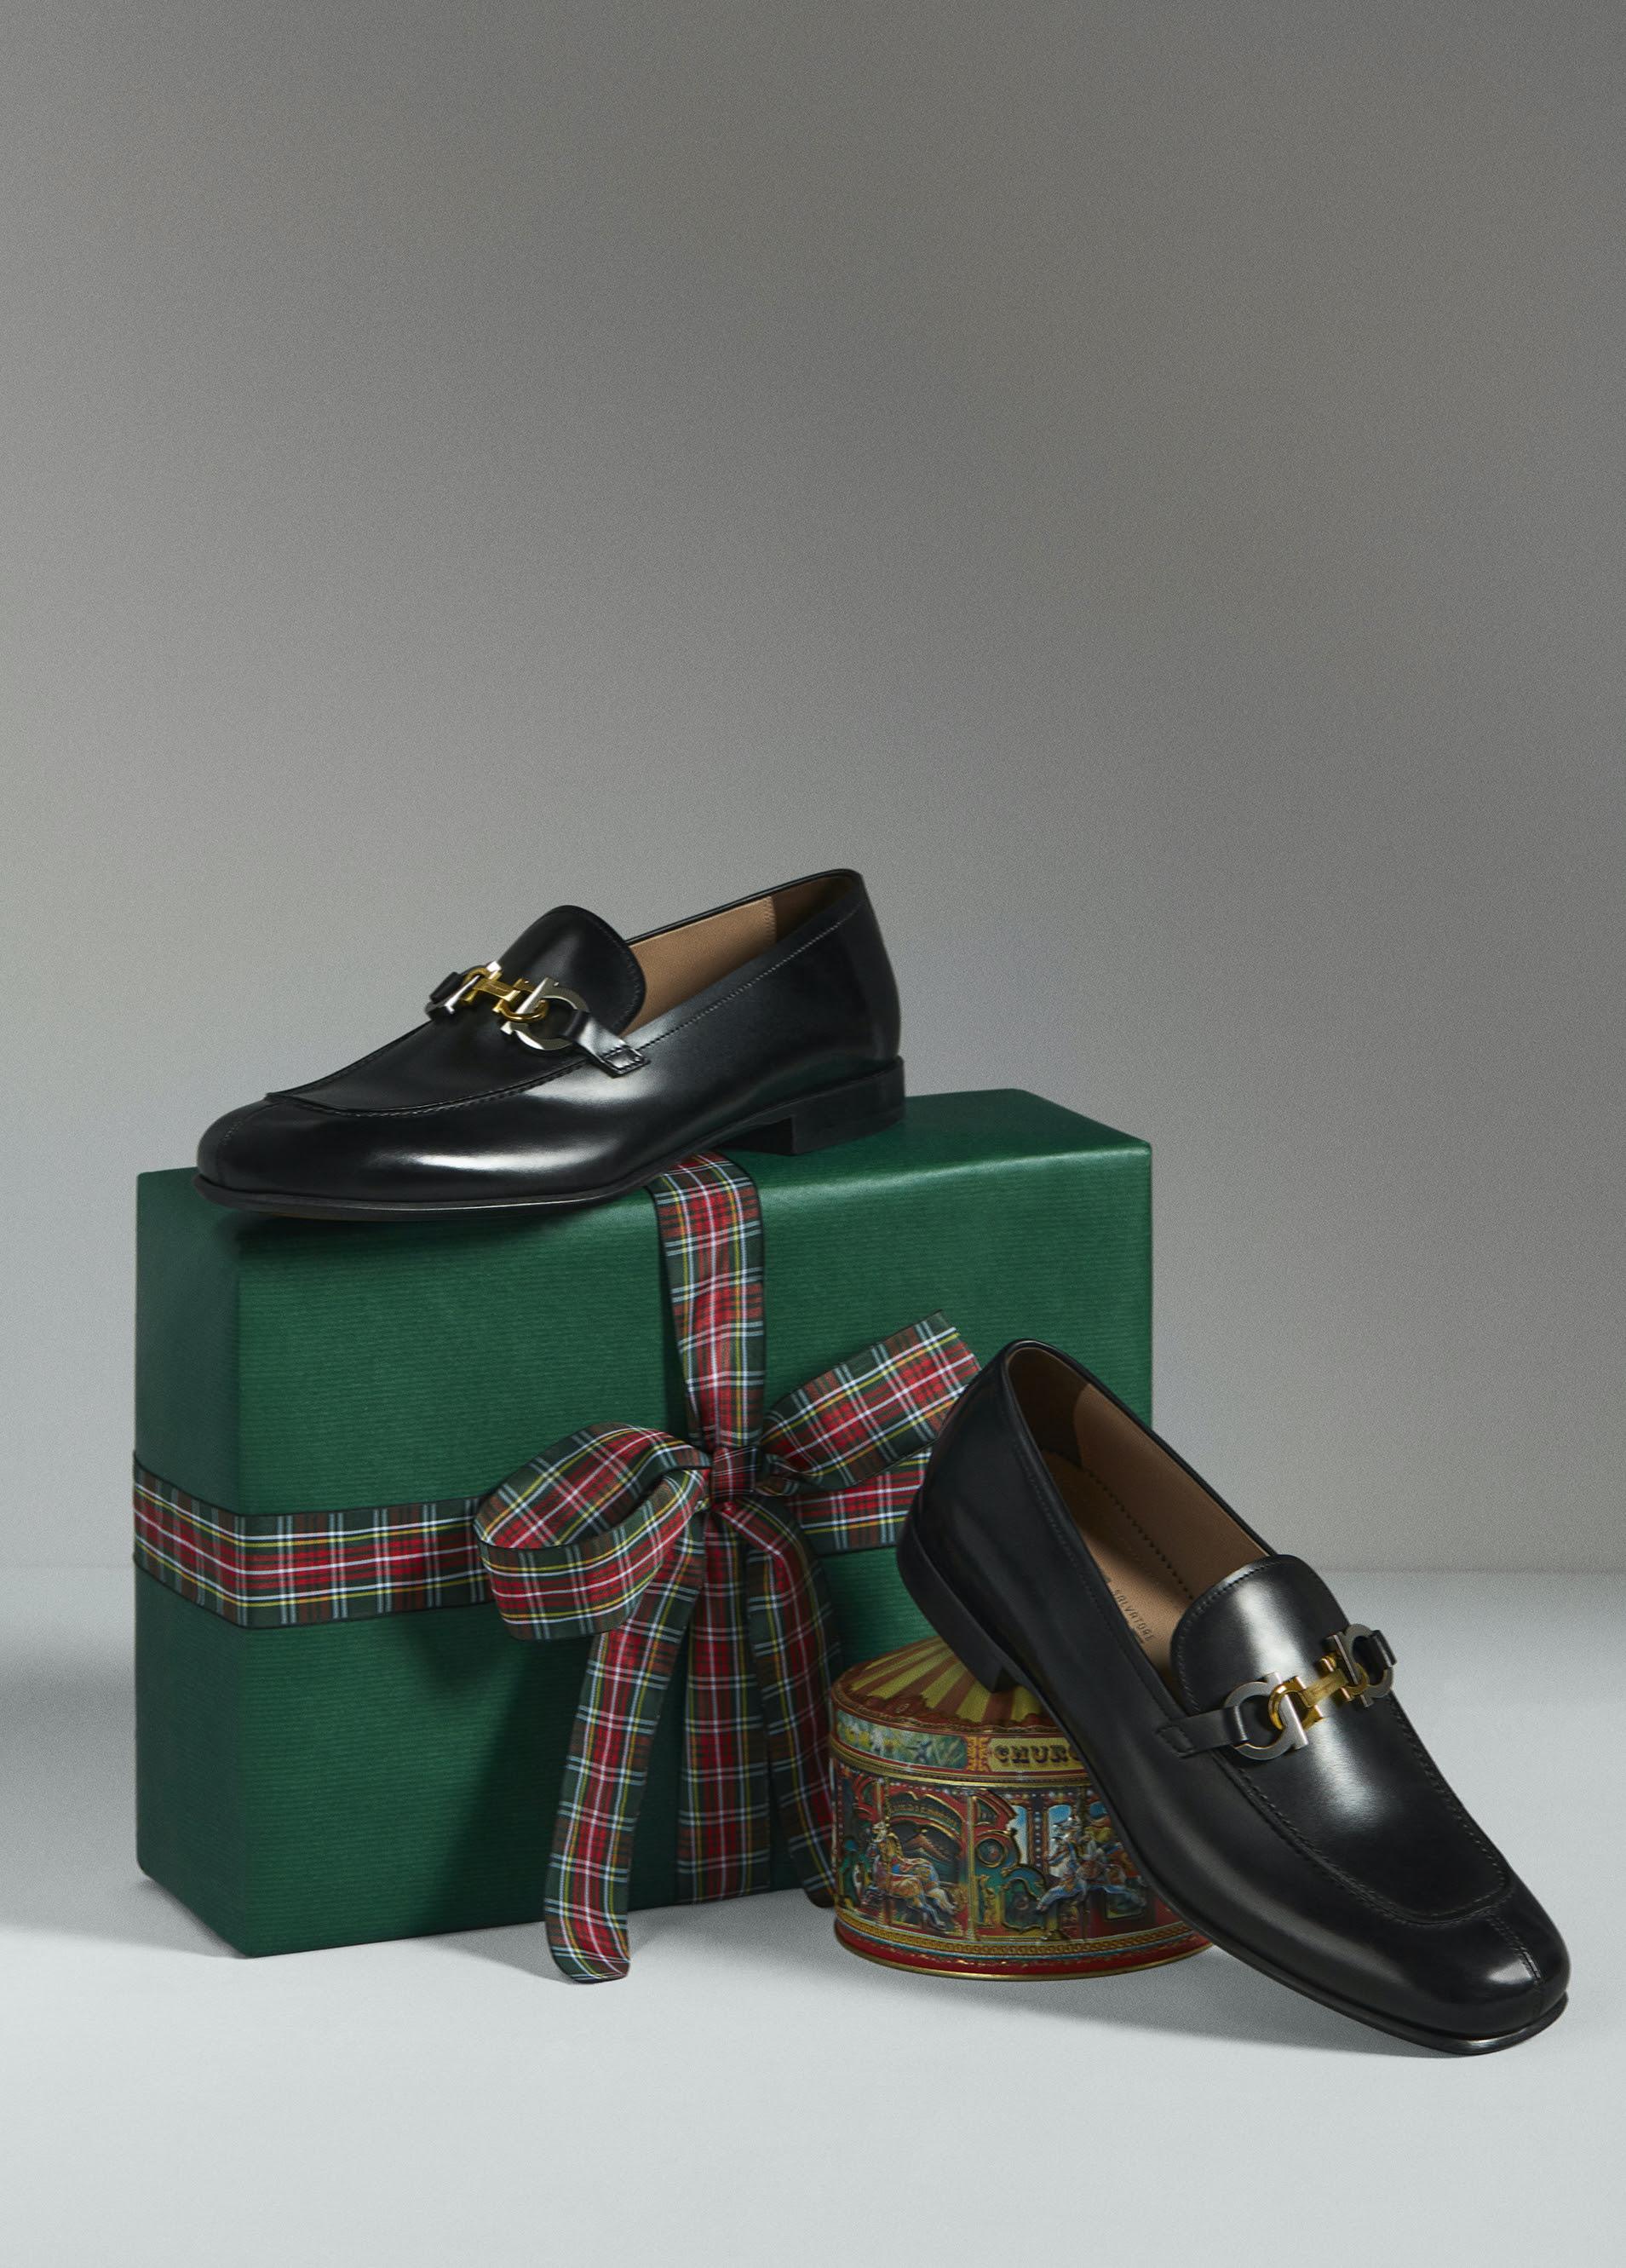 59fe9bfc 74e4 4932 afef cbe2cd00824f - Salvatore Ferragamo presenta su colección Holiday 2020